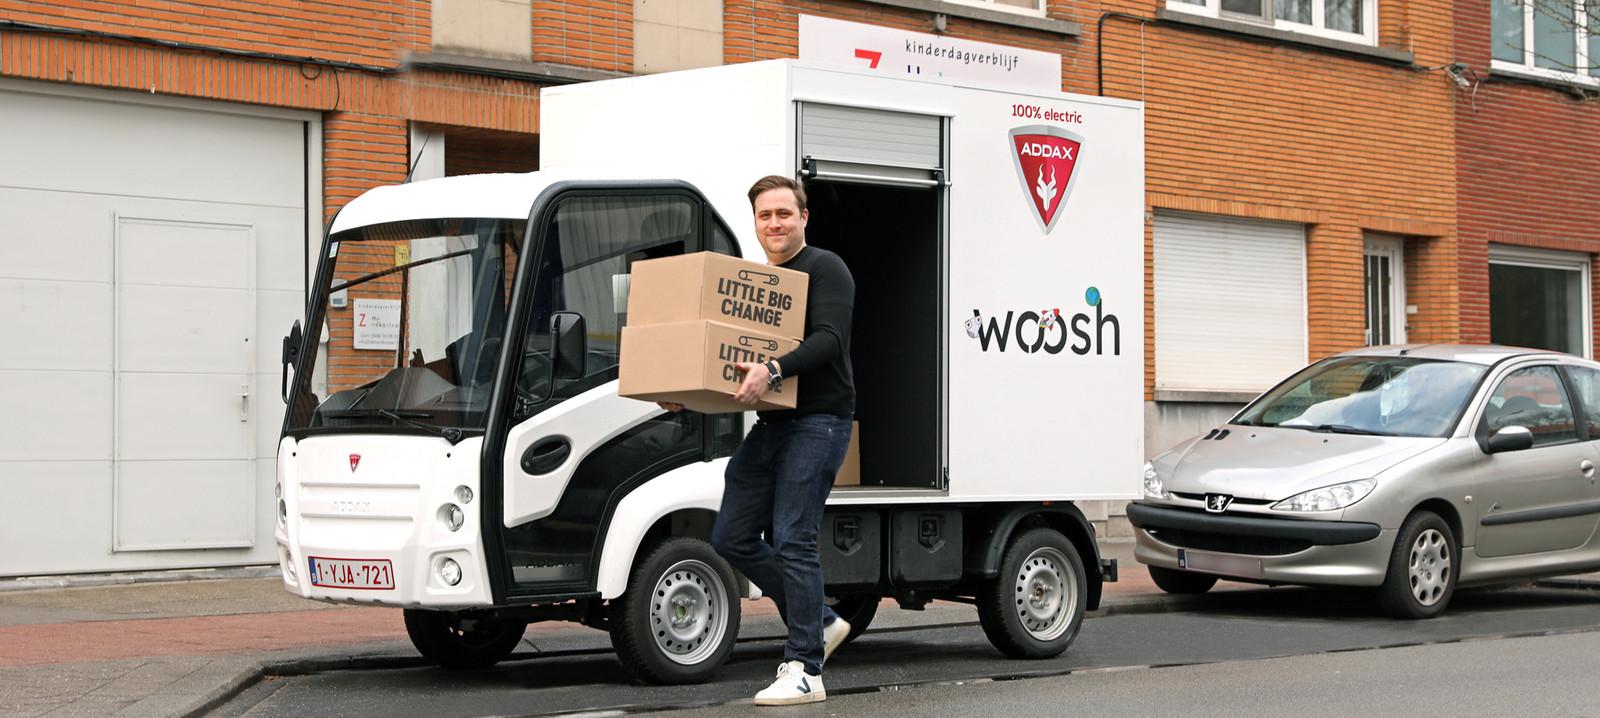 Woosh s'est associé à la marque de couches jetables Little Big Change.